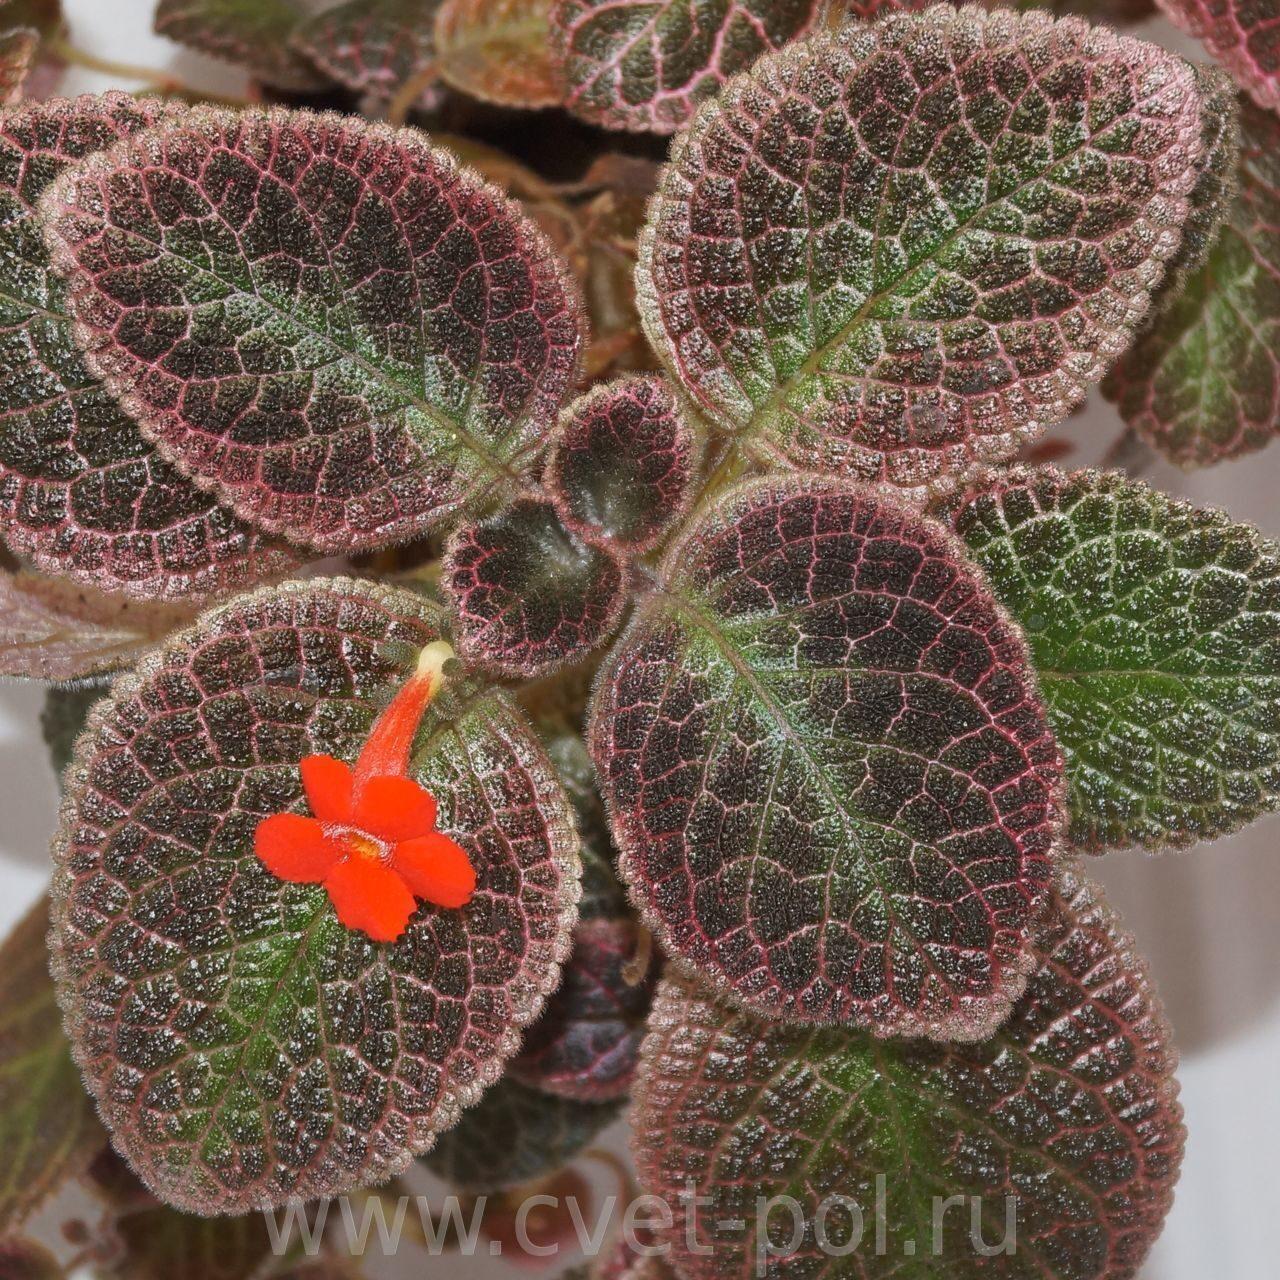 Комнатные цветы эписция фото